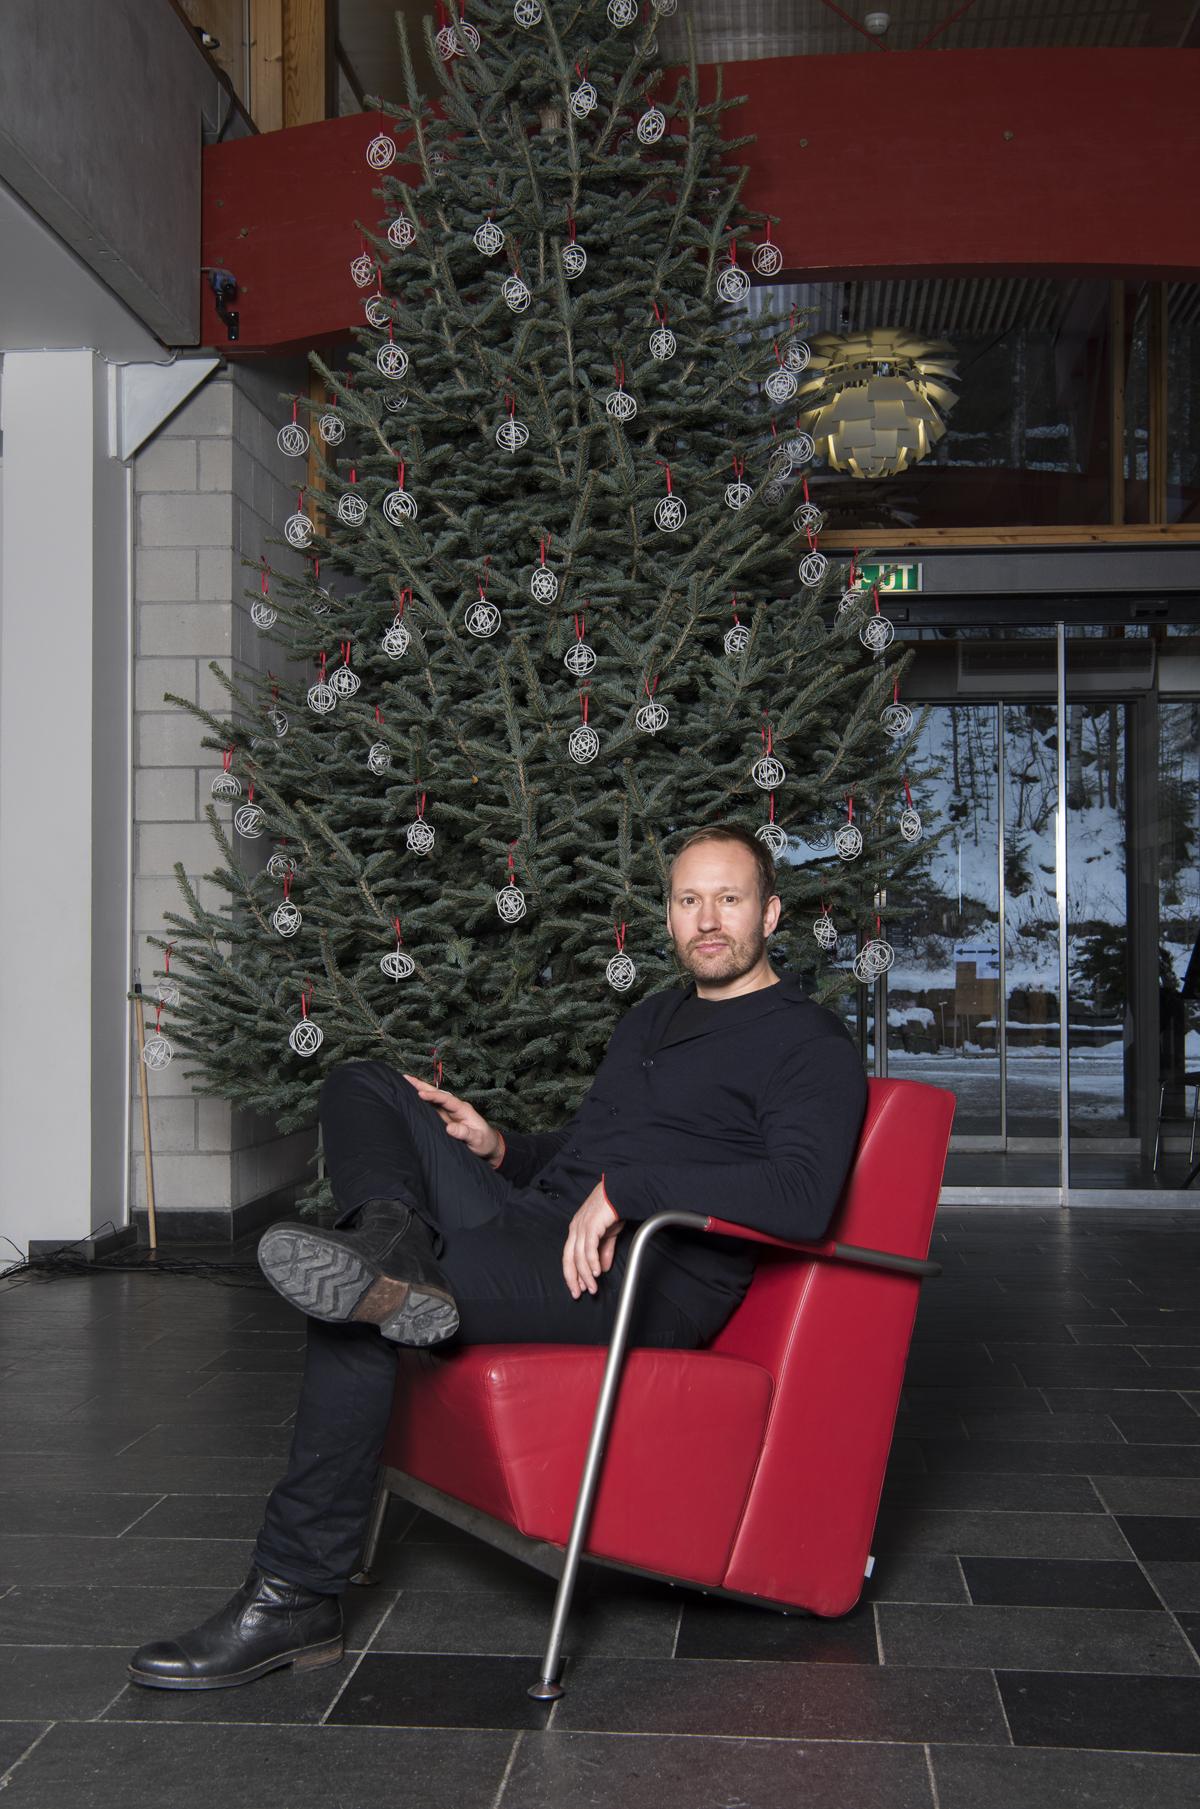 Torbjørn Anderssen sitter foran juletre pyntet med hvite ornamenter.